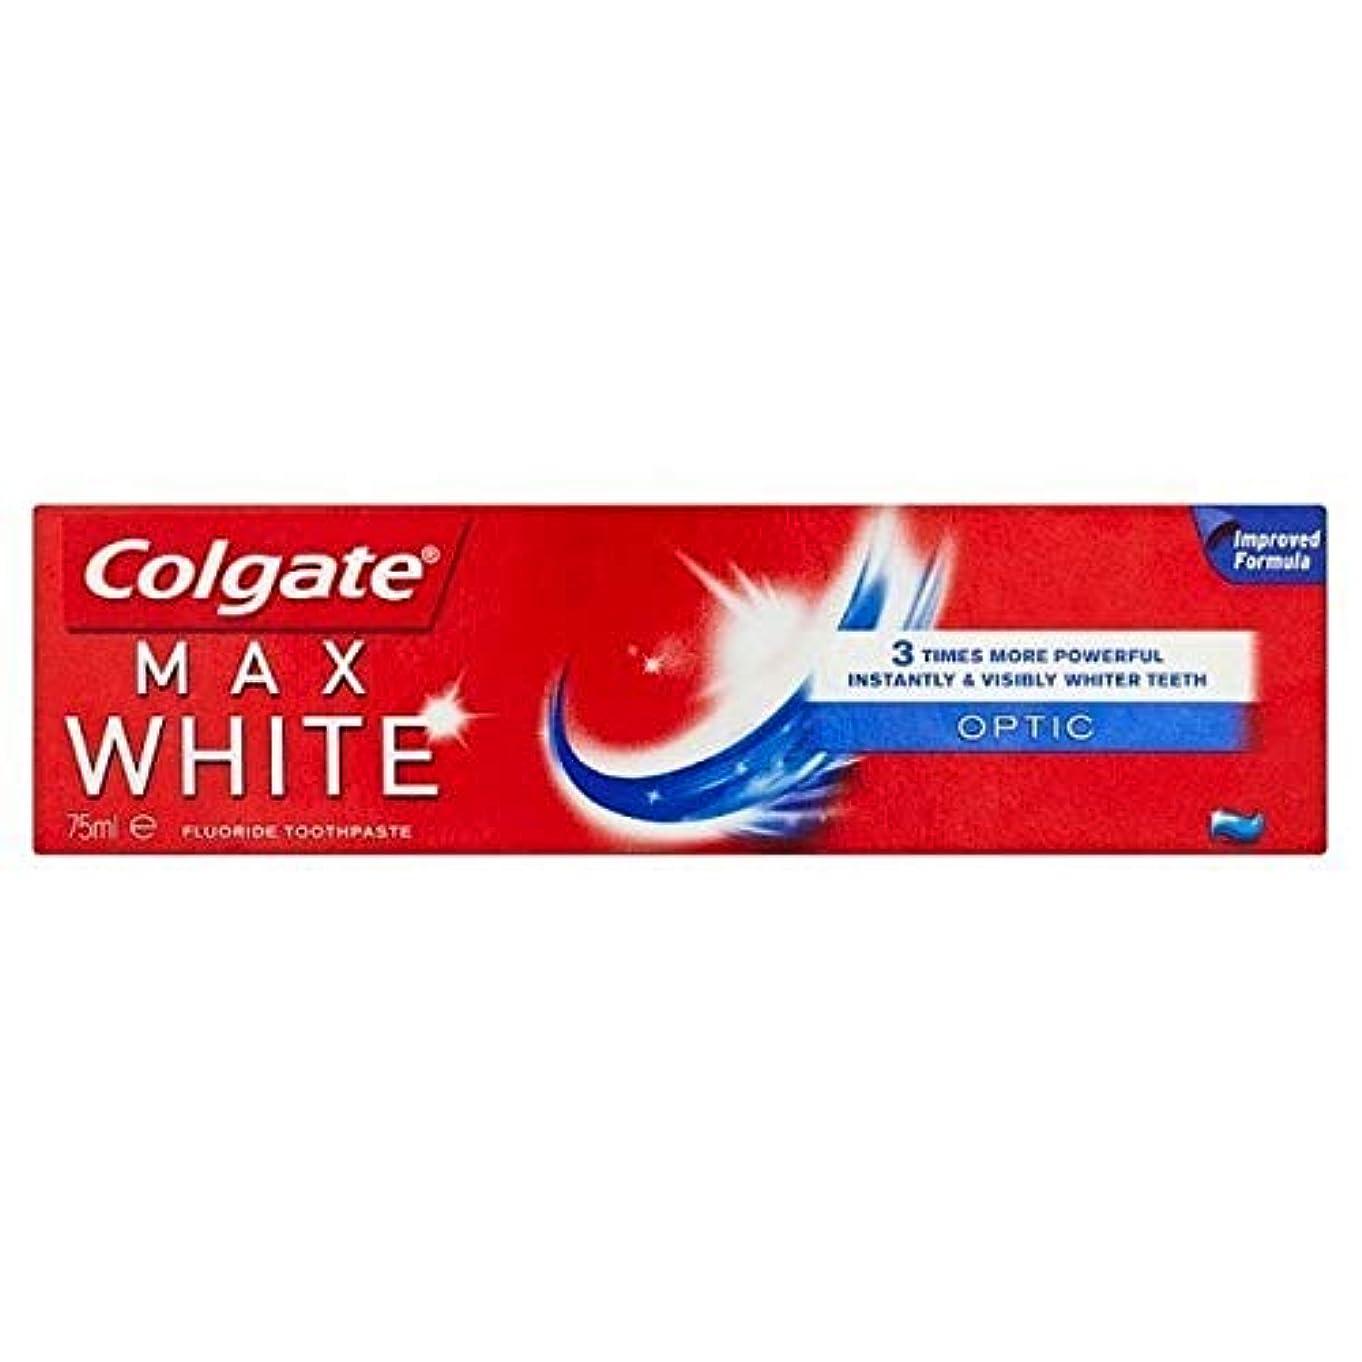 プラス条件付き予測子[Colgate ] コルゲート最大白い光ホワイトニング歯磨き粉75ミリリットル - Colgate Max White Optic Whitening Toothpaste 75ml [並行輸入品]